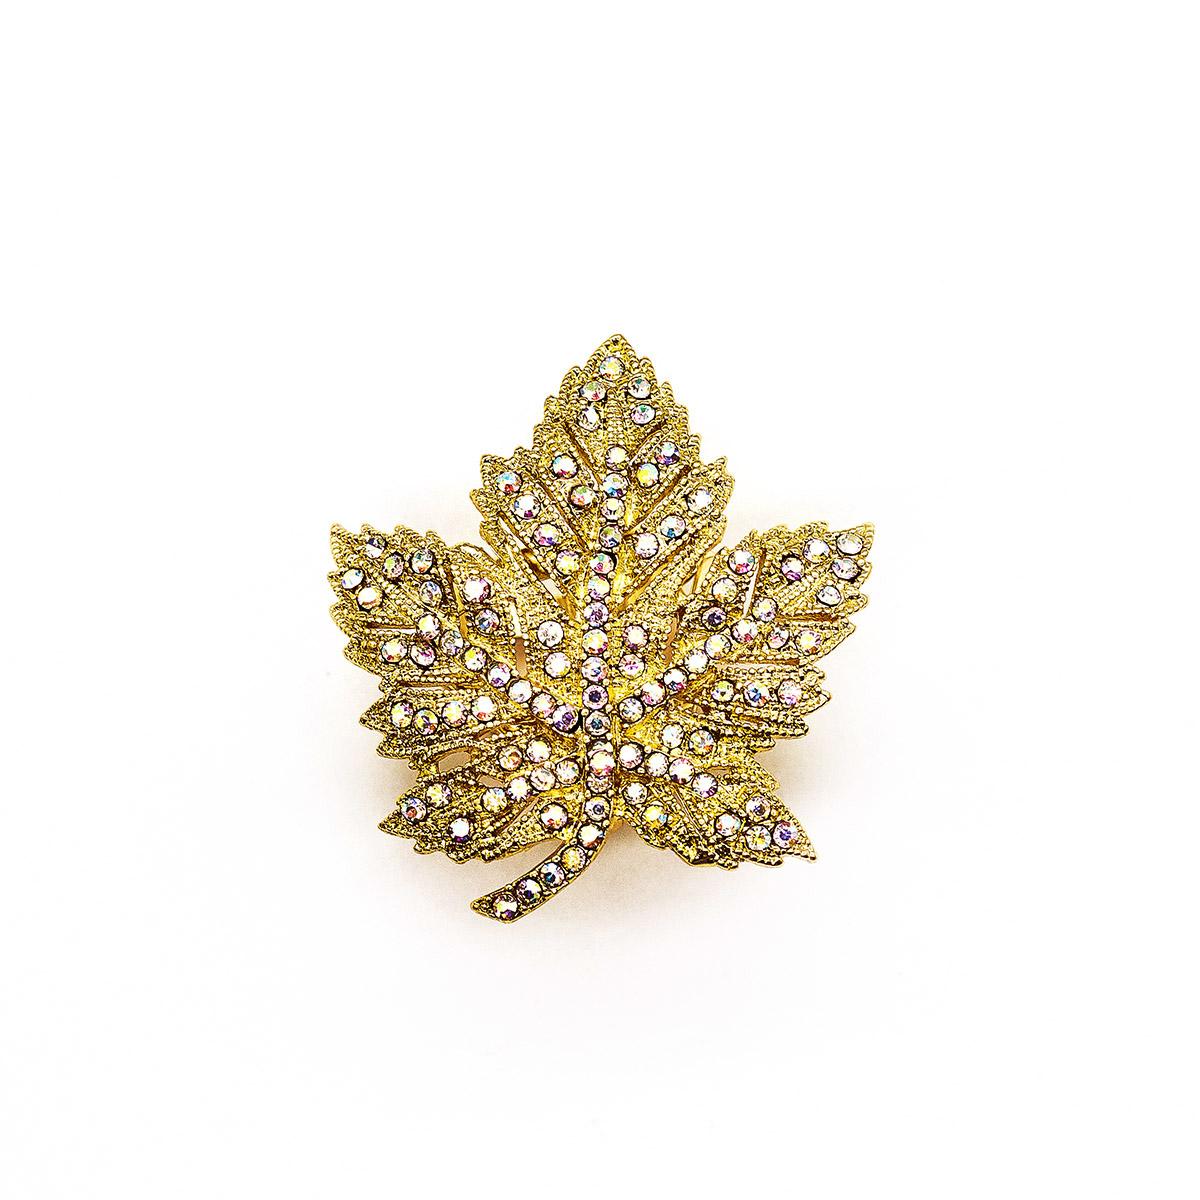 4687499 Зажим для платка 'Лист', цвет радужный в золоте